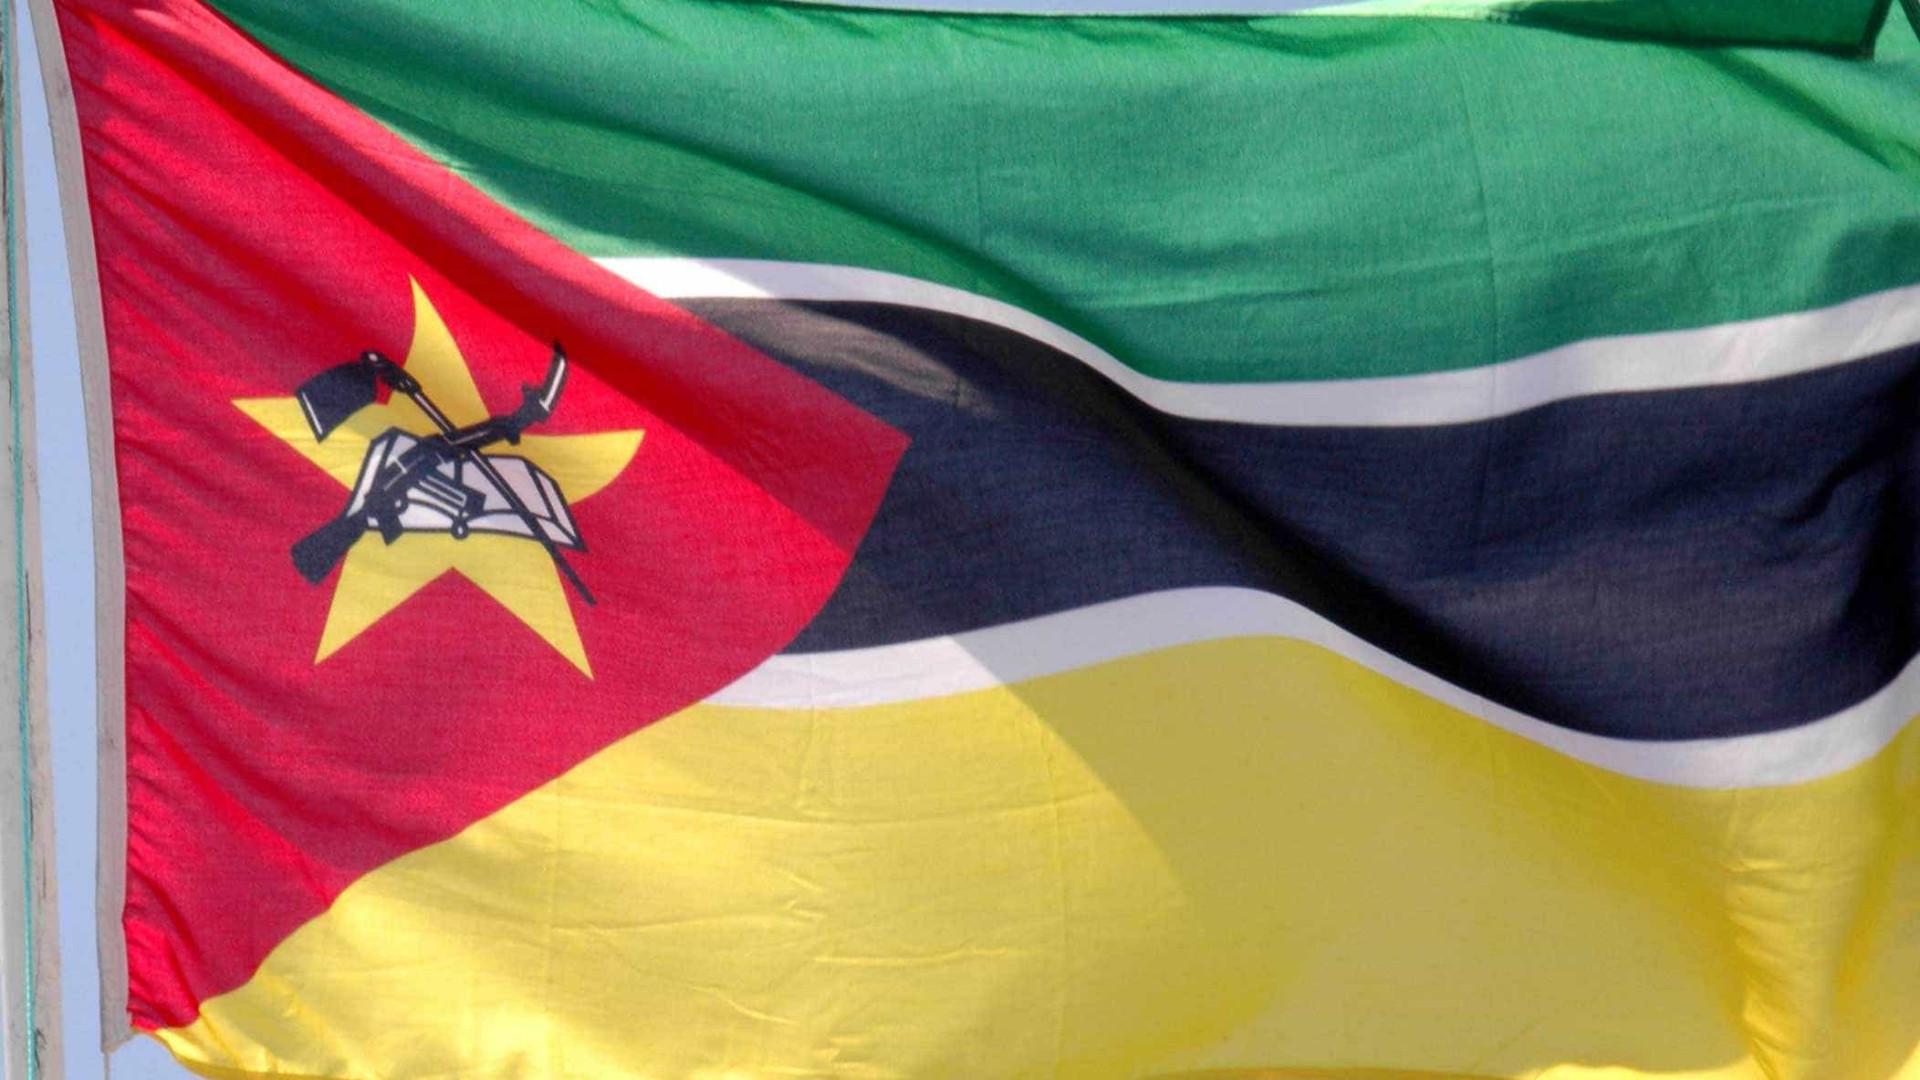 Economia de Moçambique cresceu 3,7% em 2017